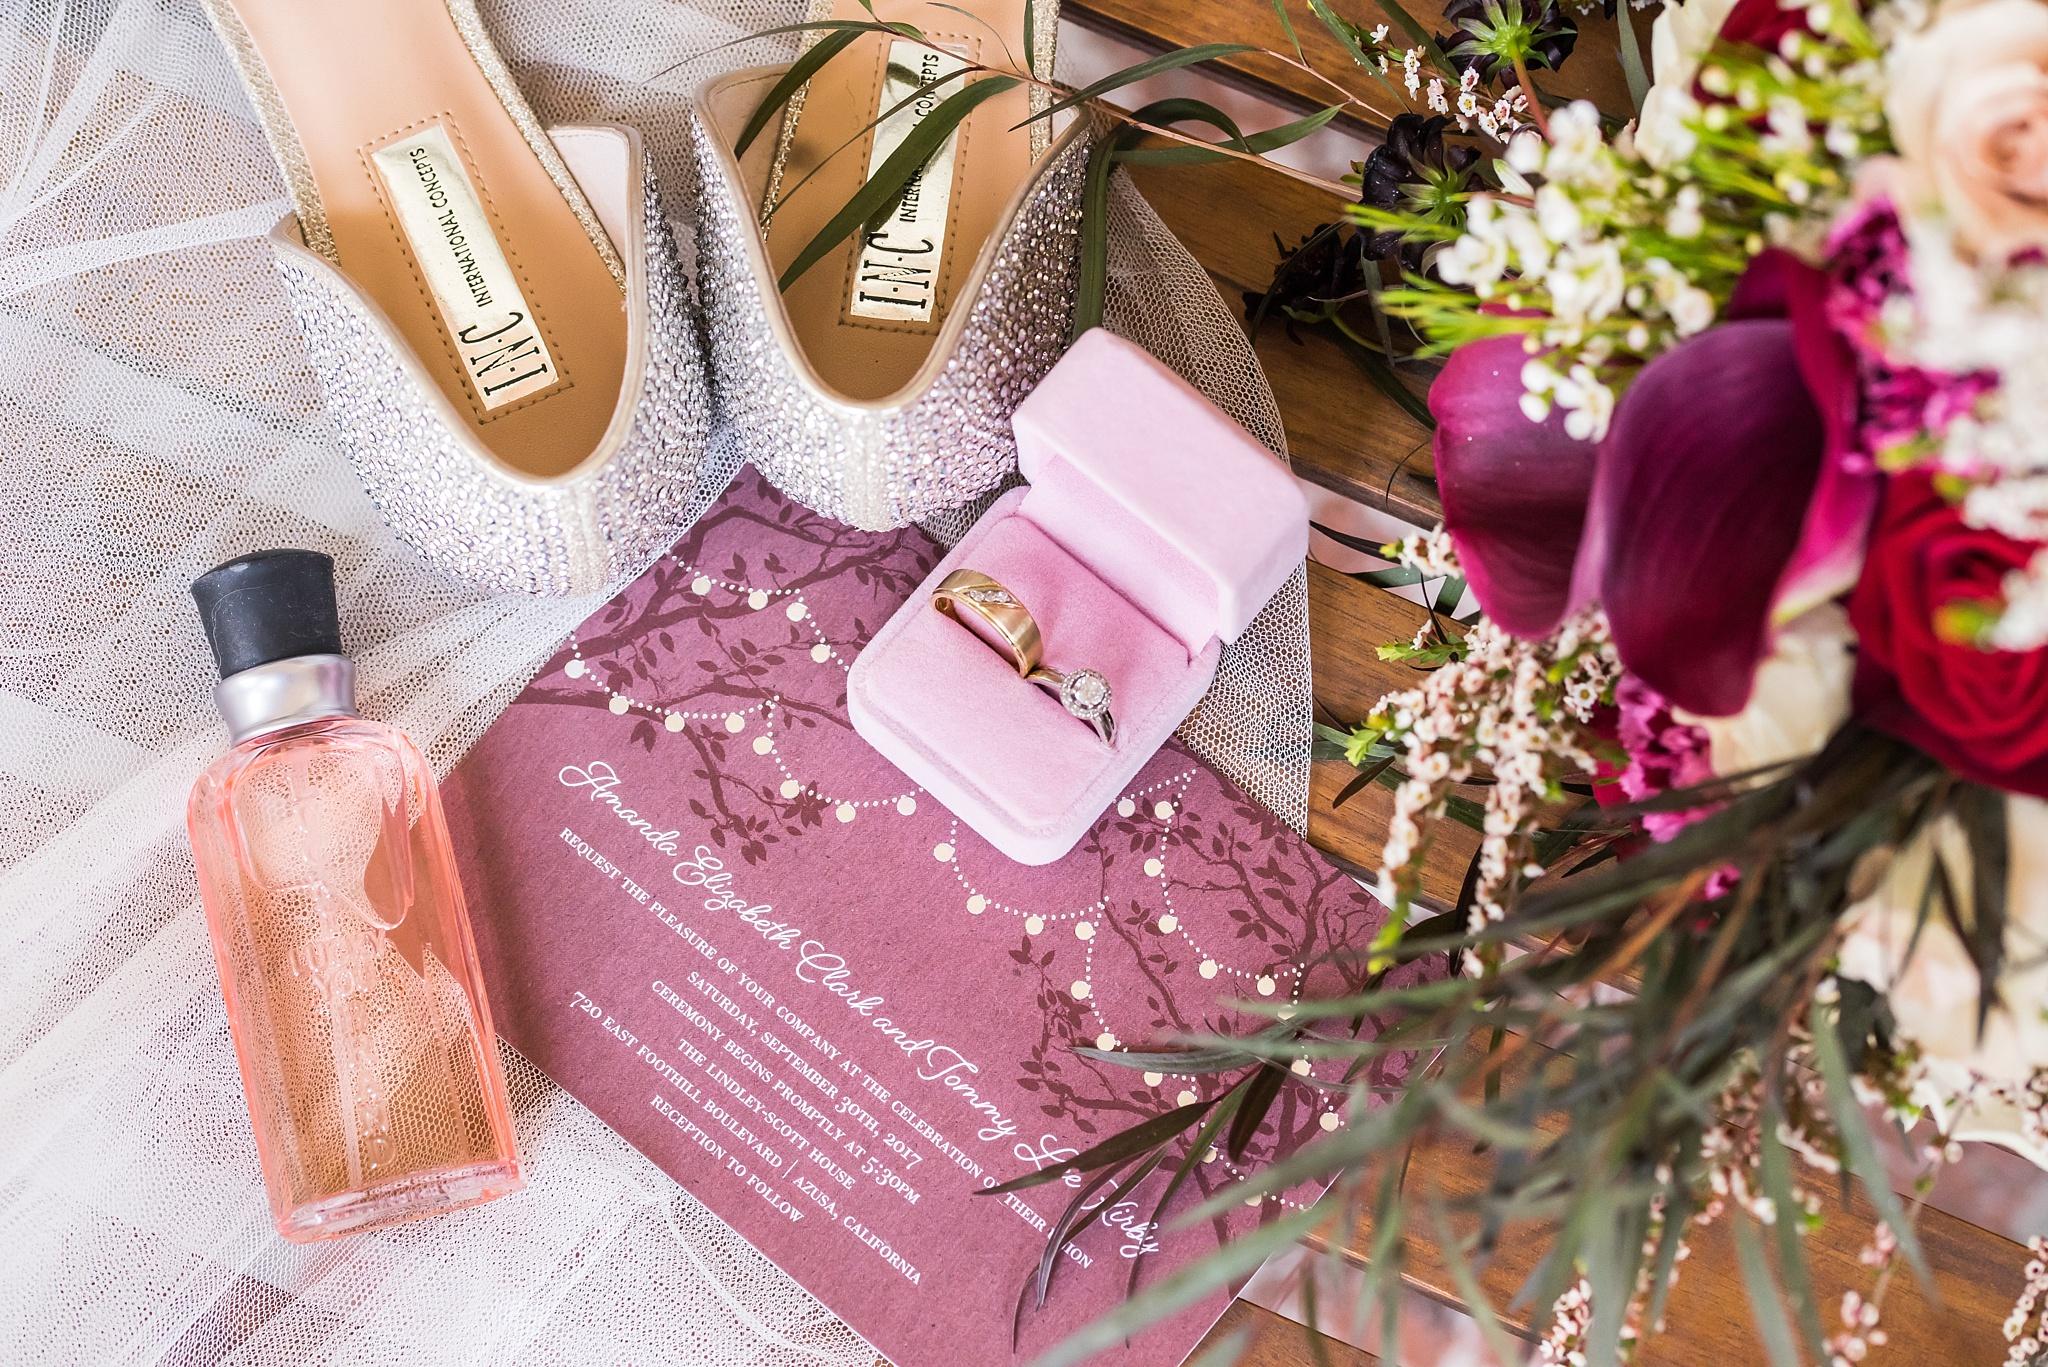 TommyandAmanda_WEDDING_BrienneMichelle_Details_10_BLOG.jpg